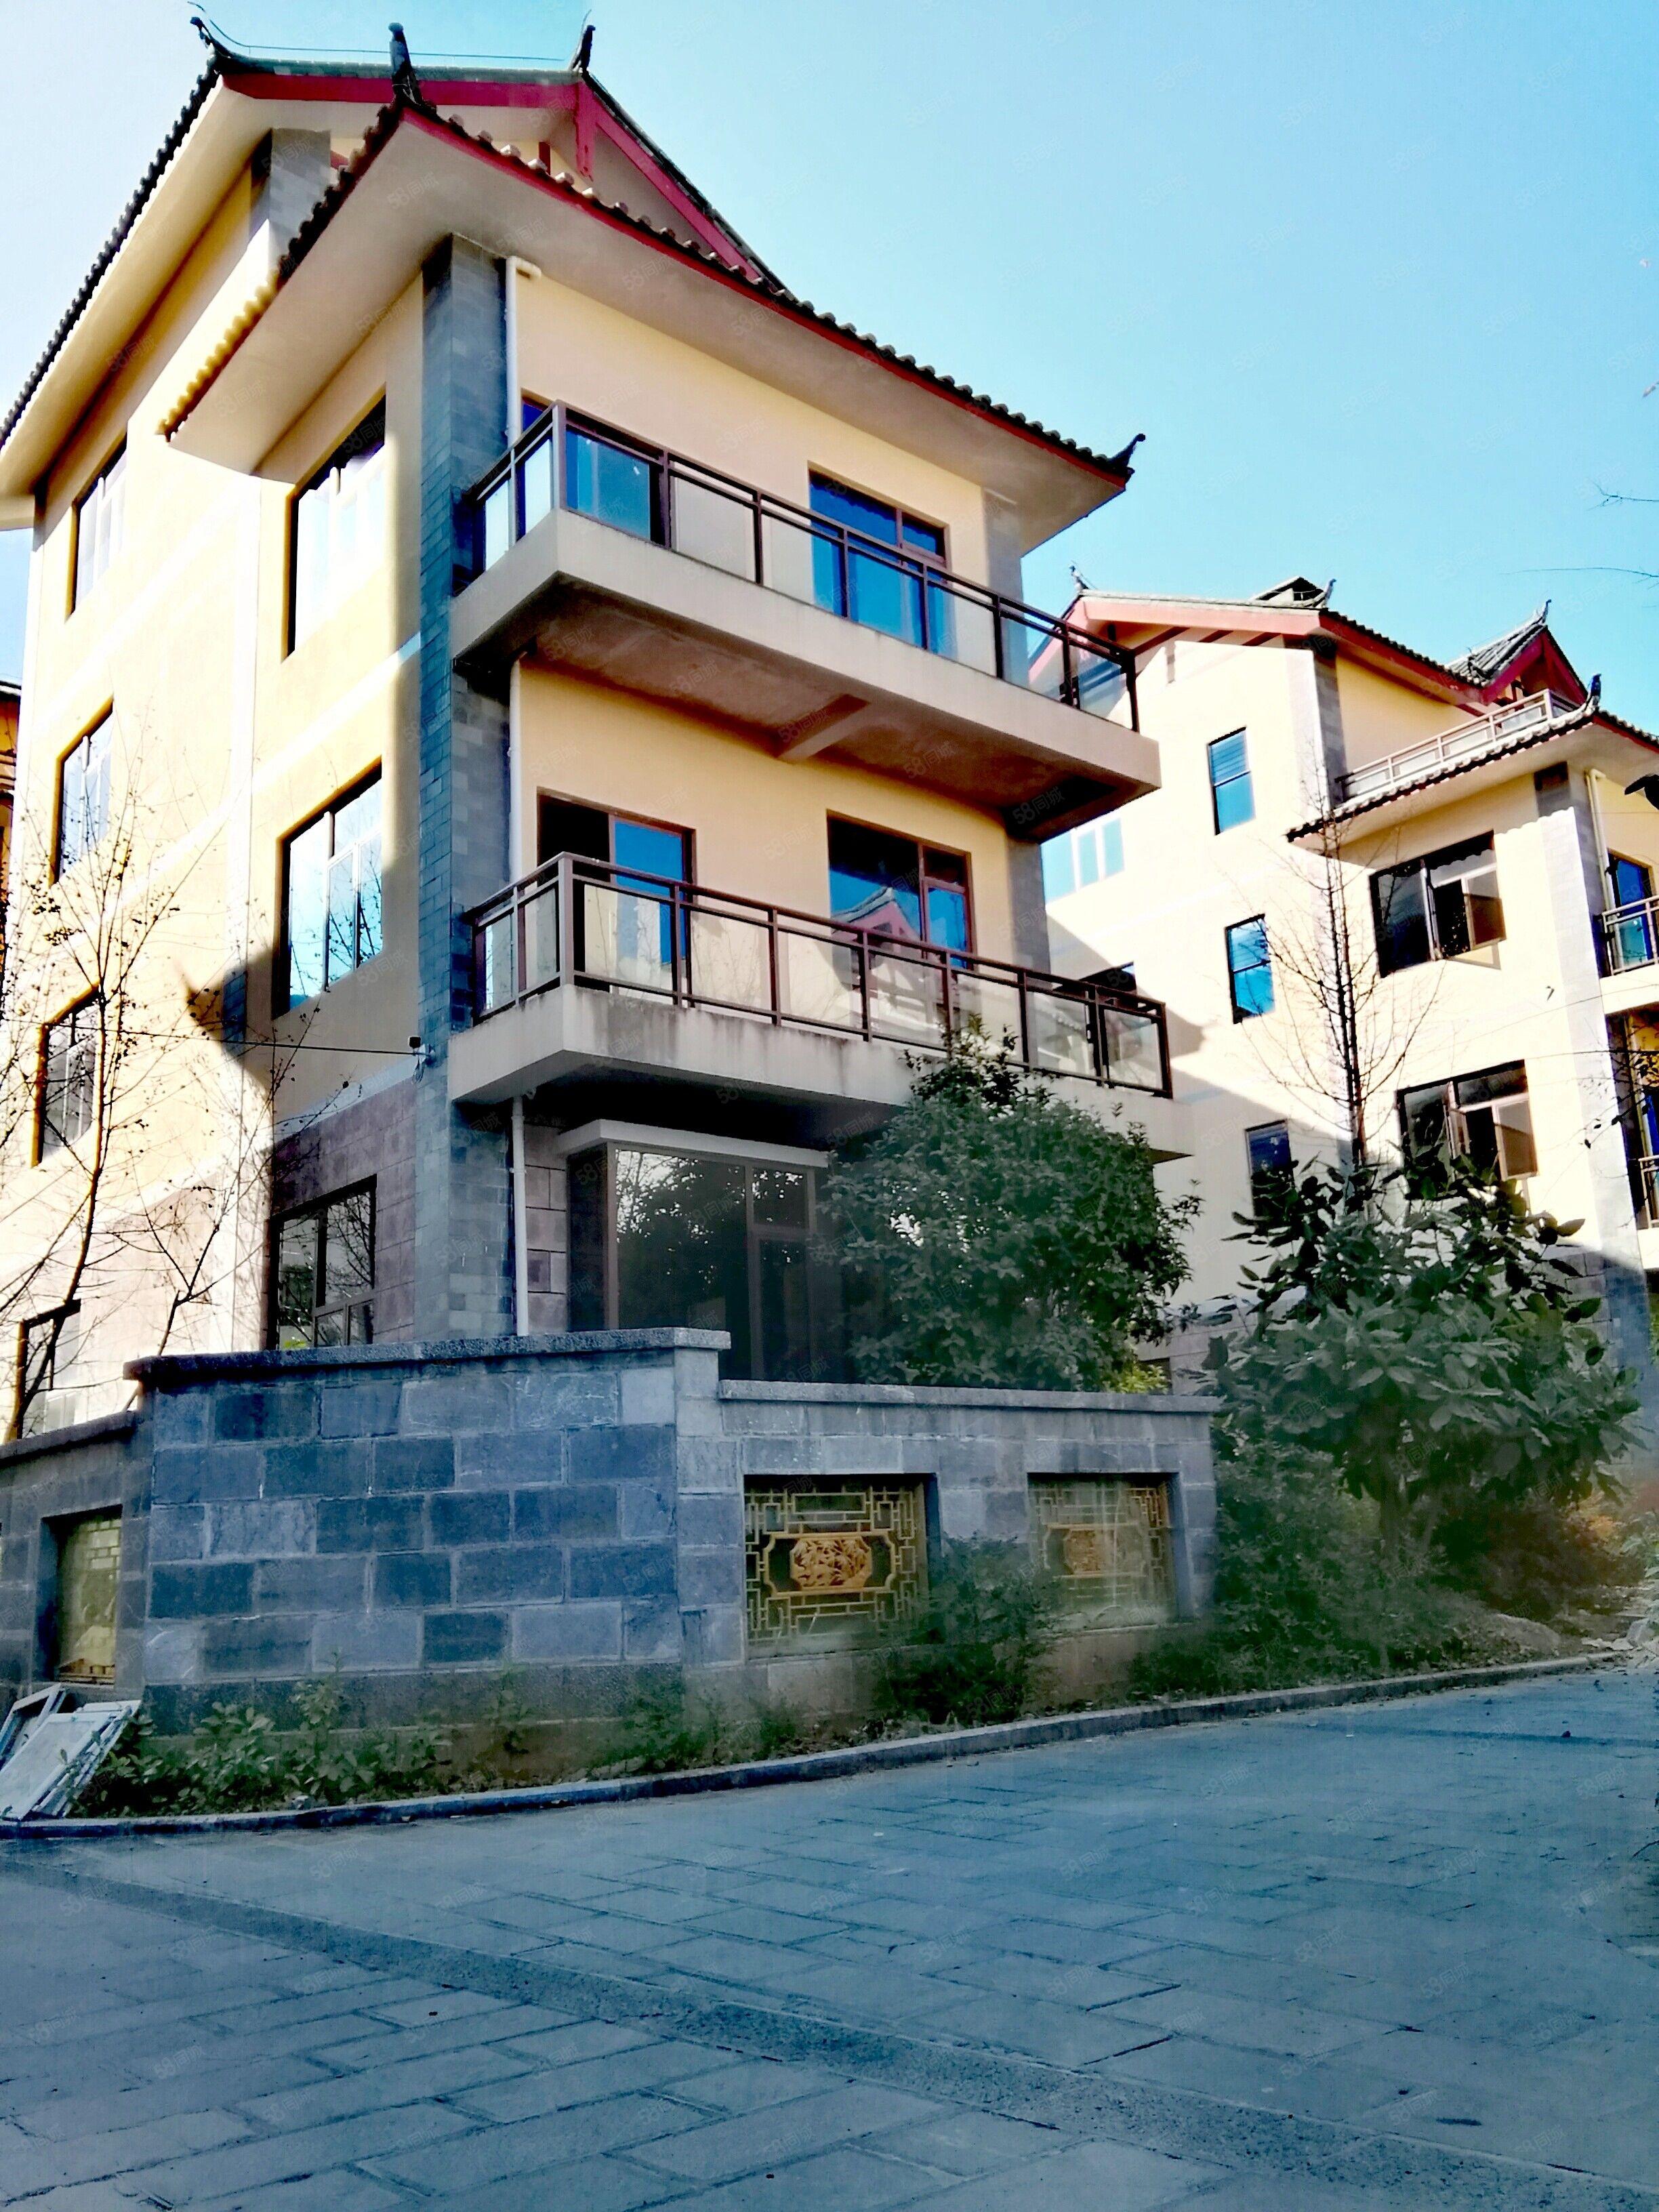 小面积精装修景观房急售、现房、环境优美、格局方正、总价低